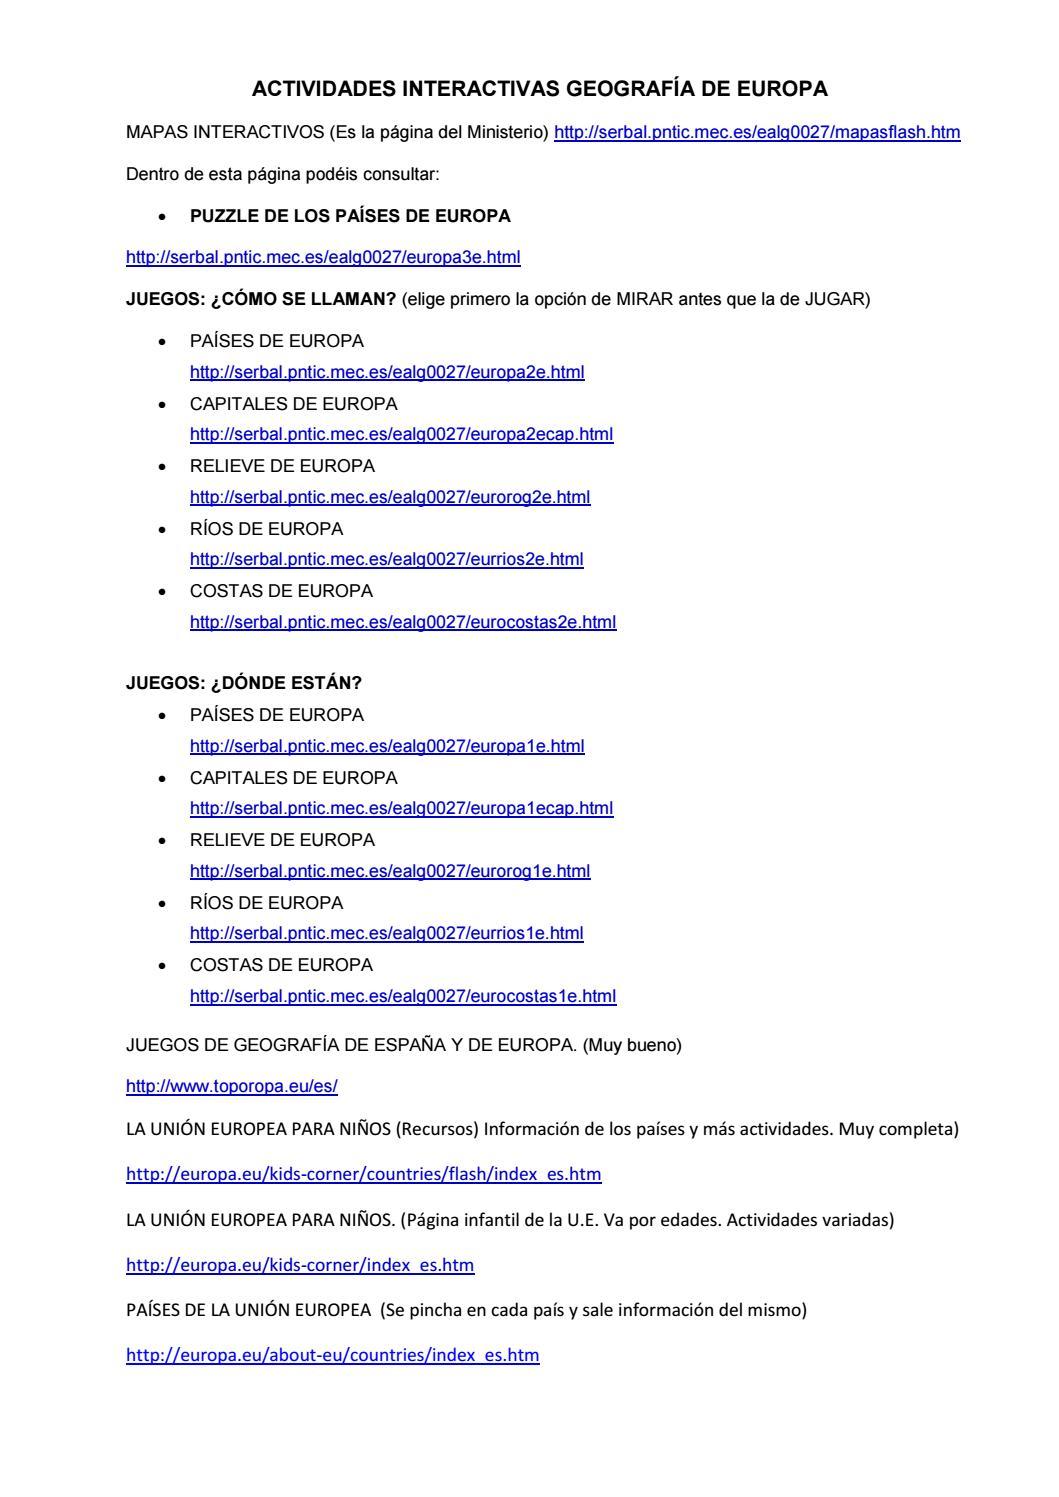 ACTIVIDADES INTERACTIVAS  PAISAJES DE EUROPA  by pablo gomez